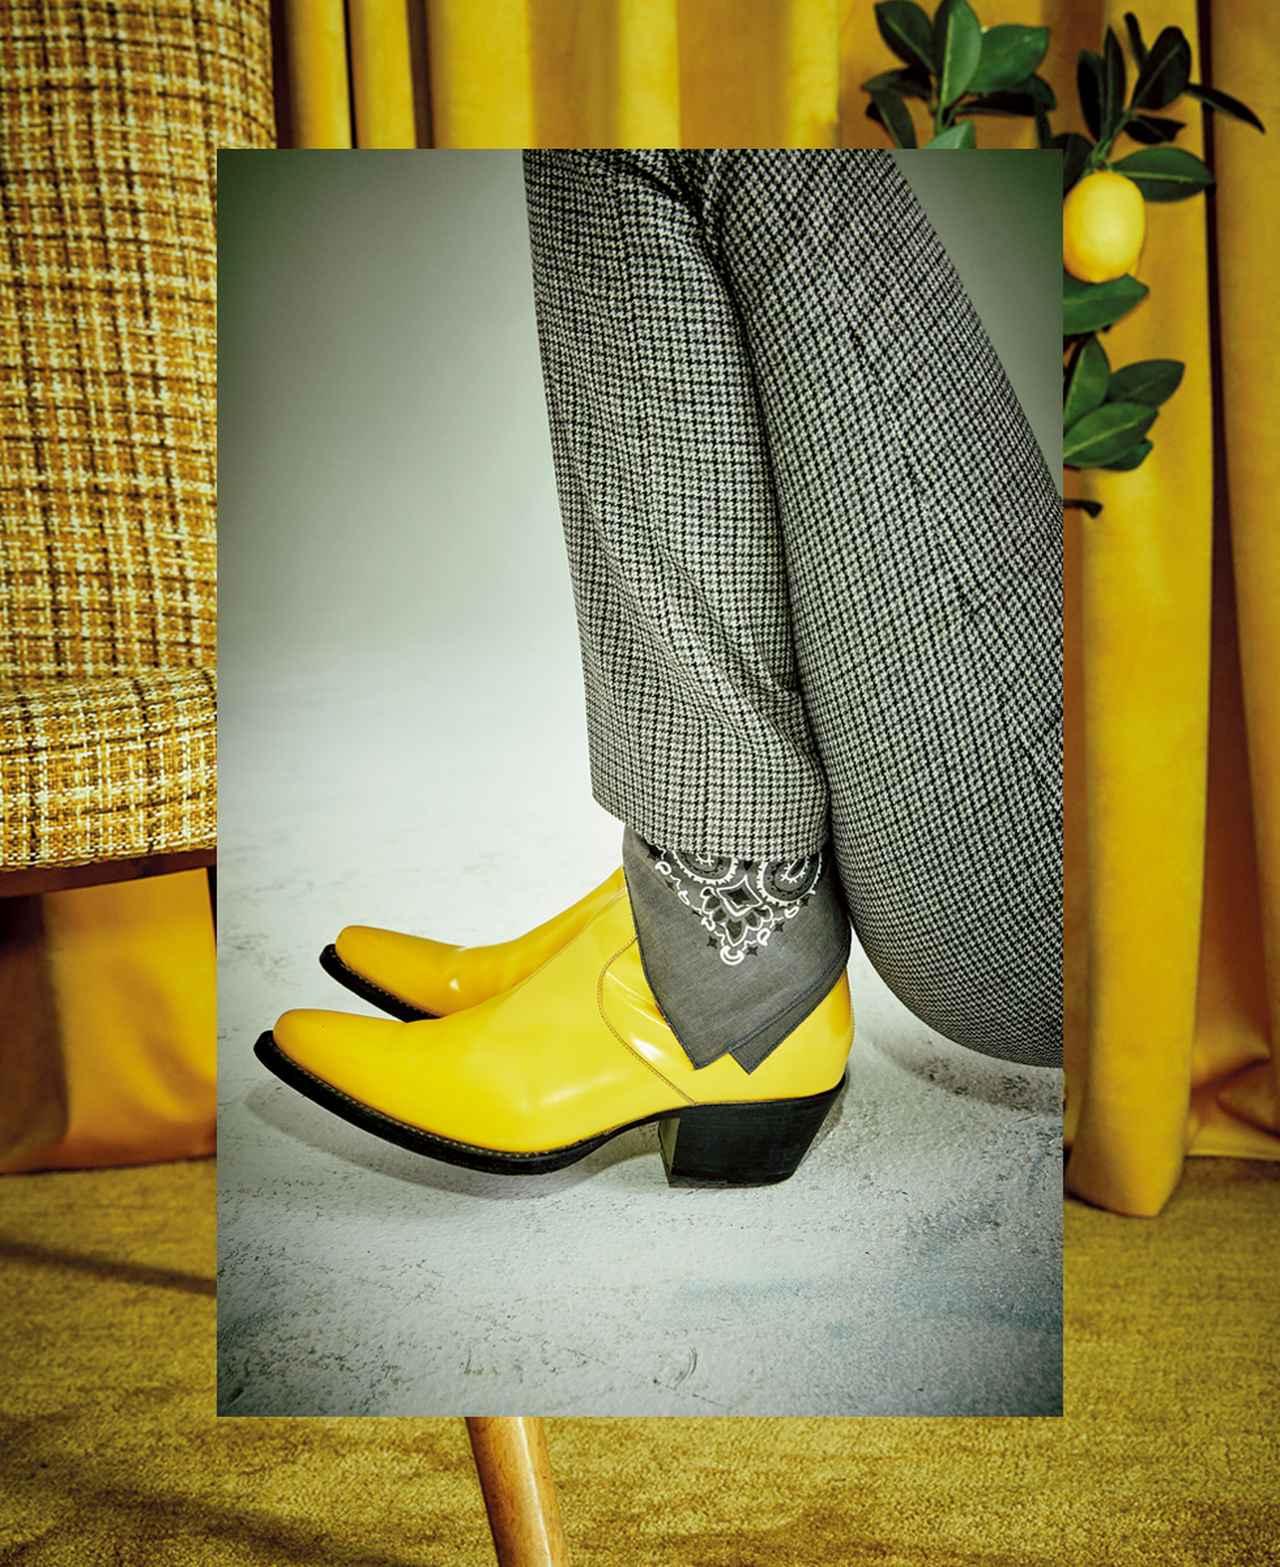 Images : 2番目の画像 - 「カウボーイ風だけど都会的!? ブーツ×70年代風ウールパンツ」のアルバム - T JAPAN:The New York Times Style Magazine 公式サイト